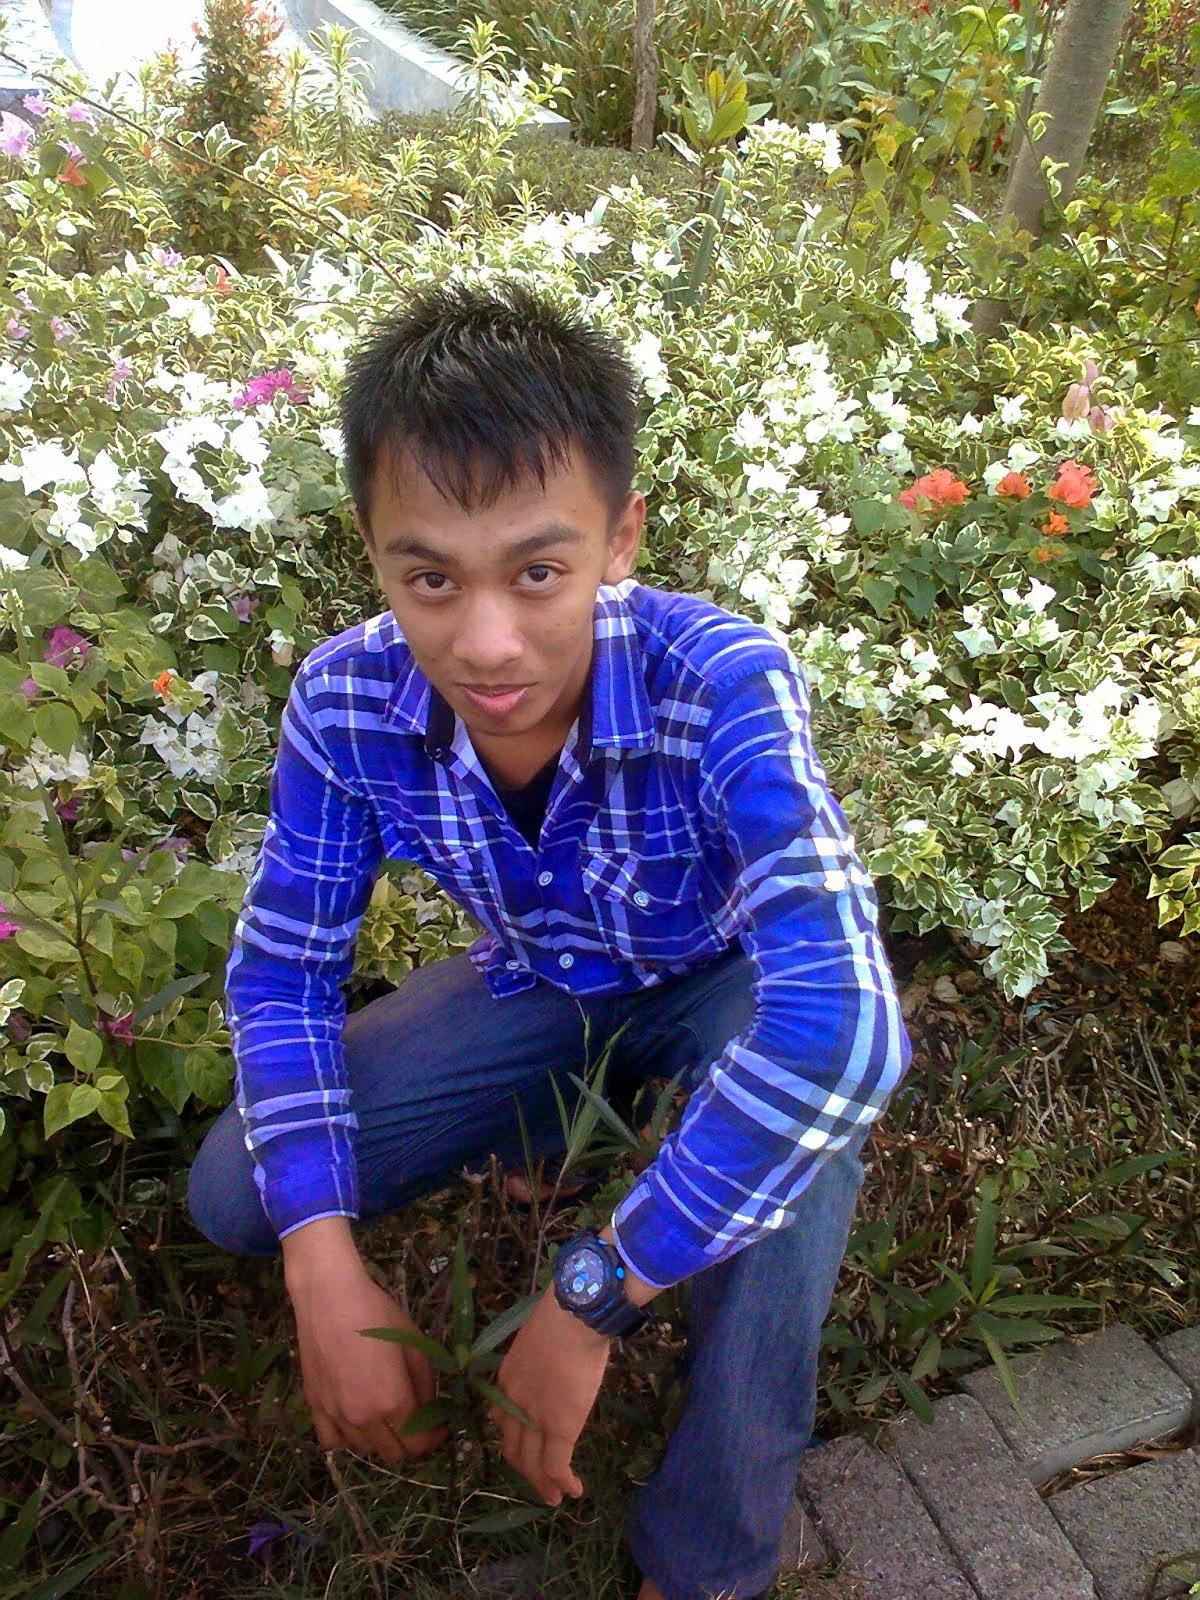 di antara bunga-bunga